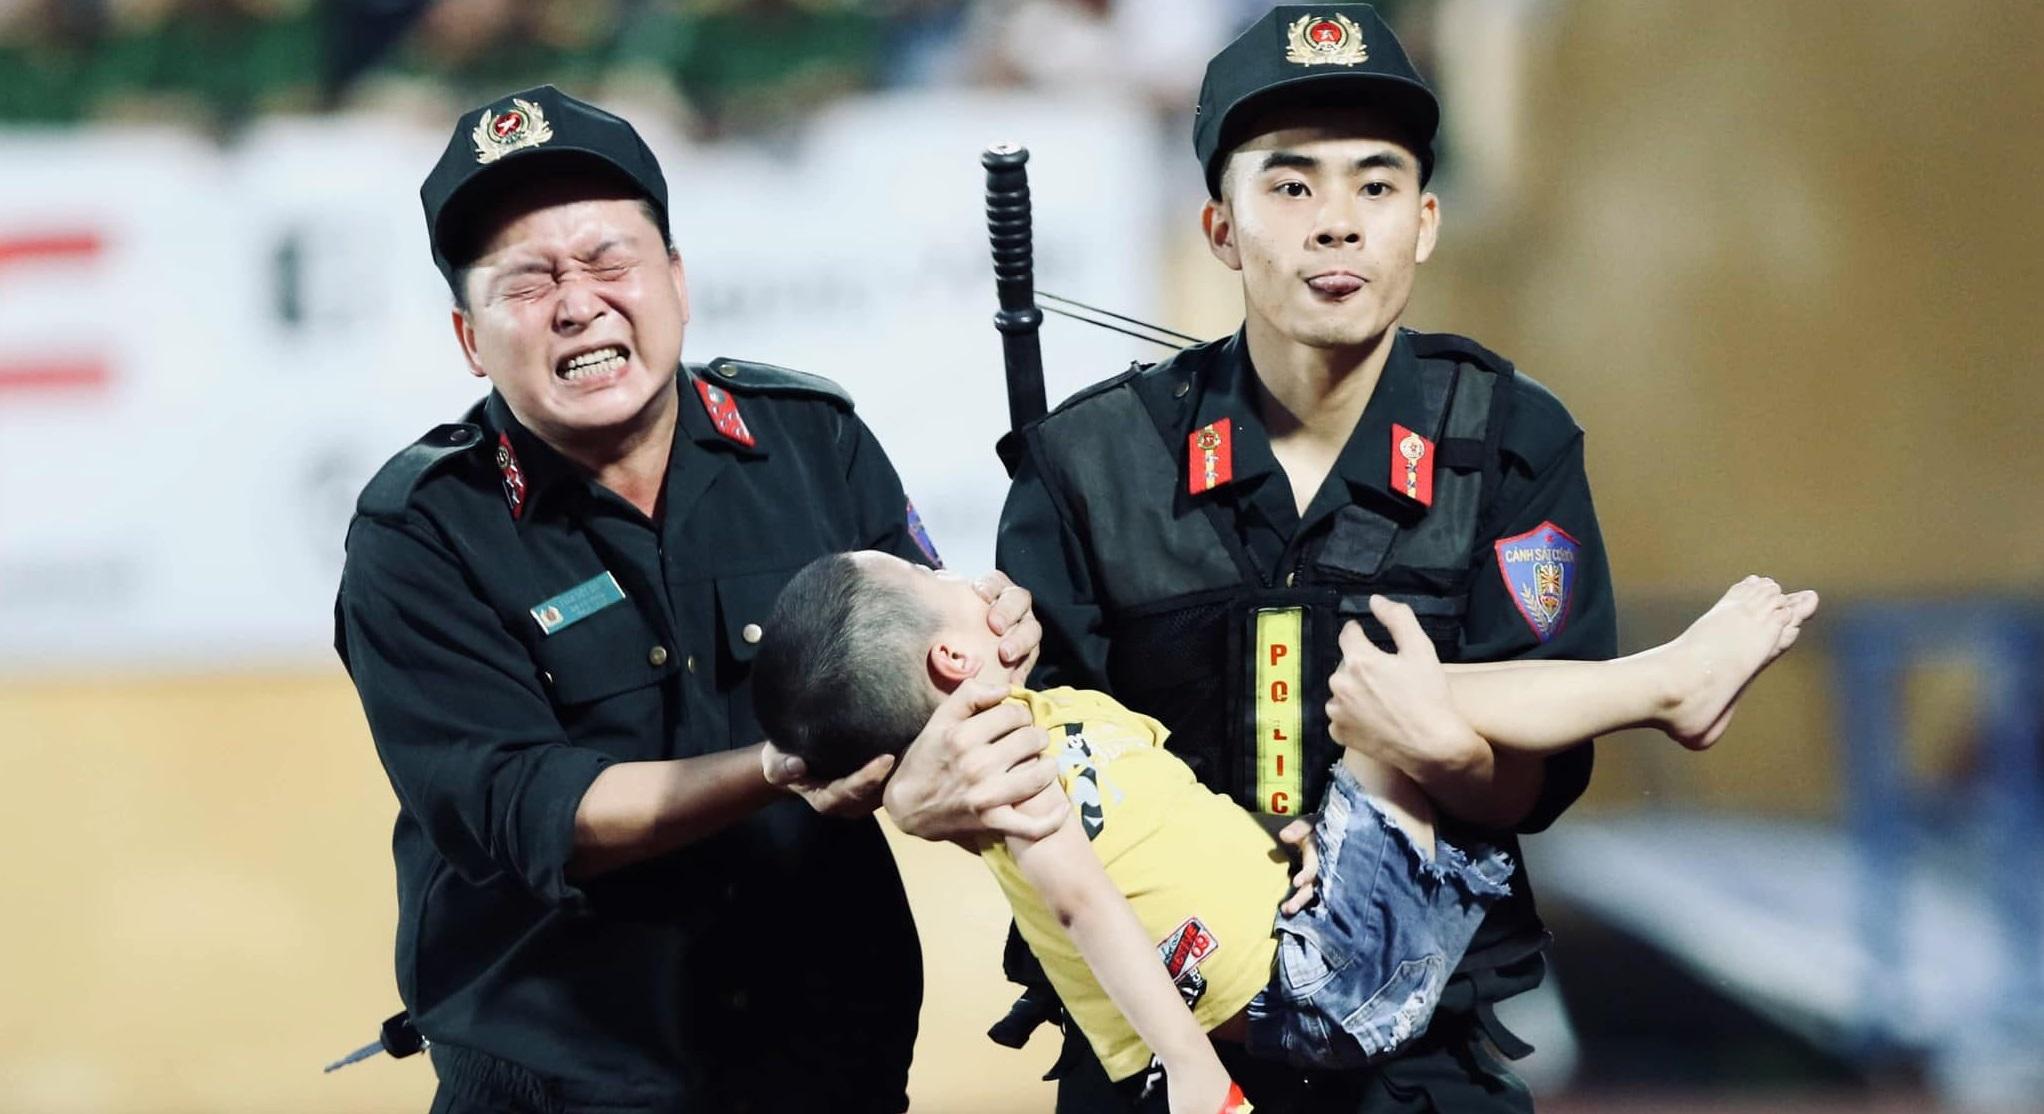 Hình ảnh đẹp của các chiến sĩ CSCĐ được chia sẻ nhanh chóng trên mạng xã hội